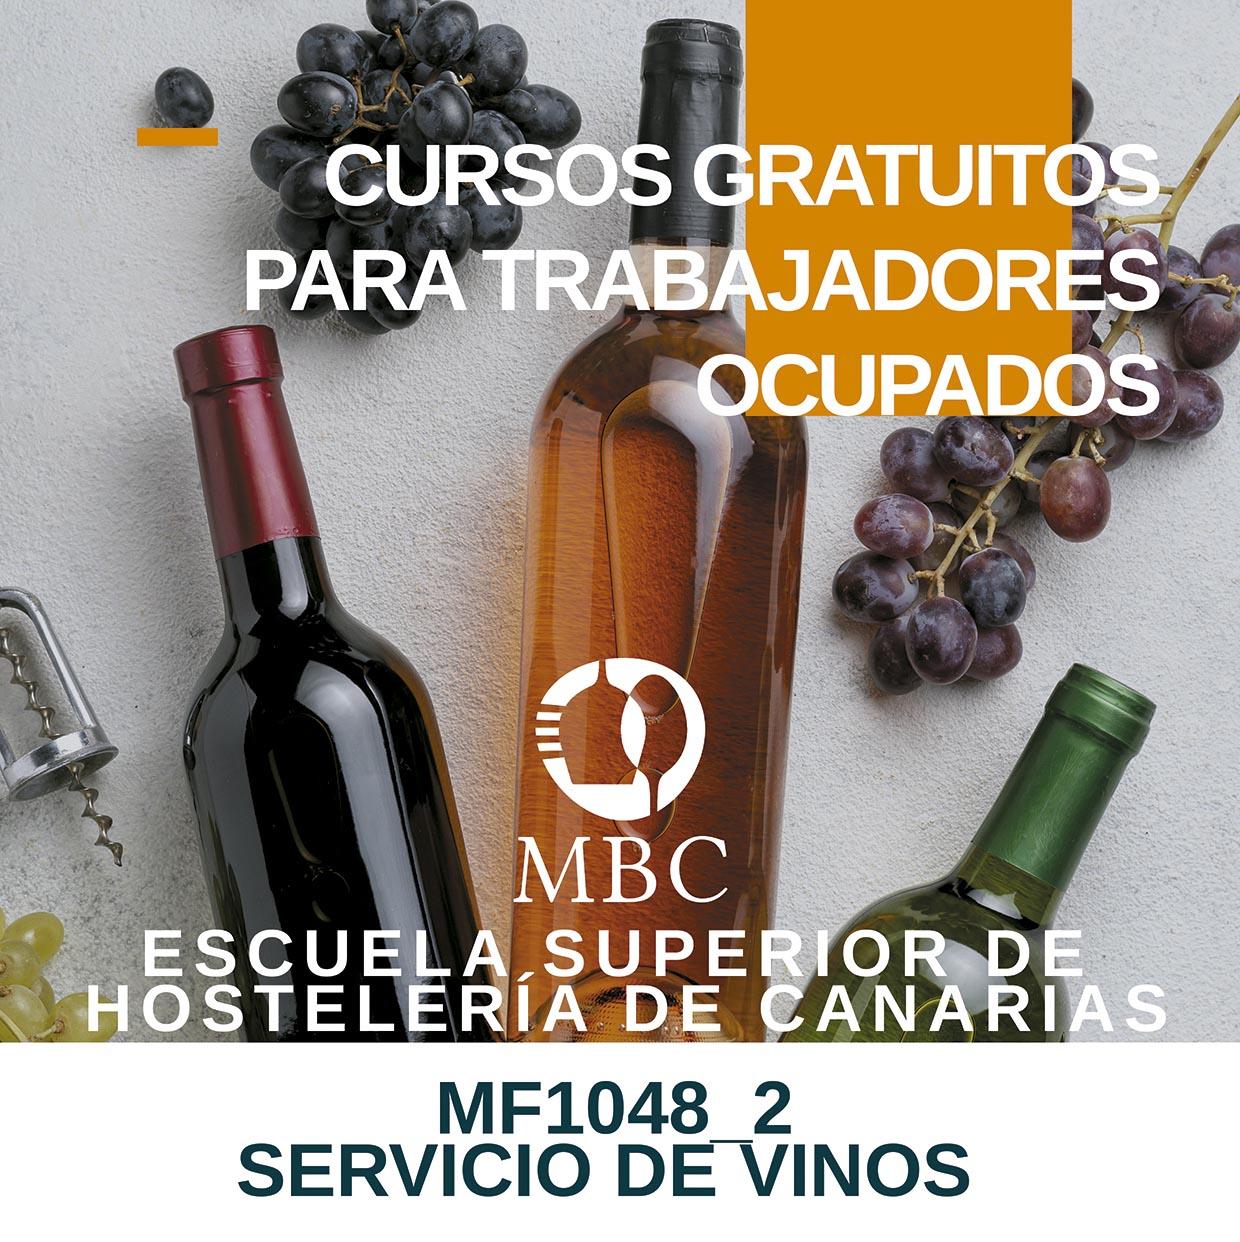 Curso de Servicio de Vinos, organizado por la Escuela de Hostelería de Canarias, abril de 2020